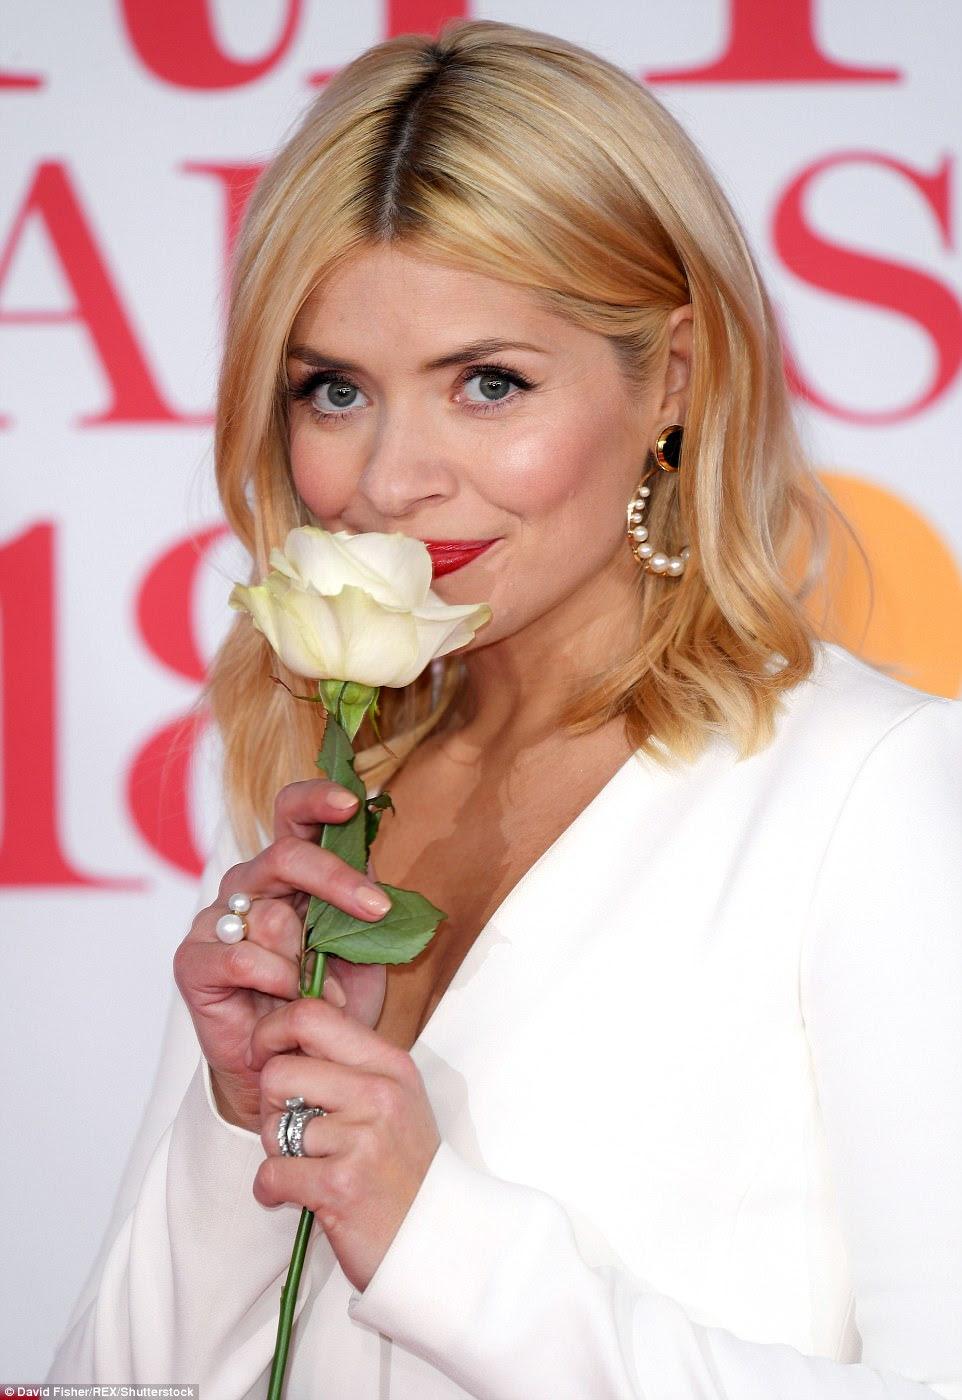 Pare e cheire as rosas: com seu conjunto branco e rosa branca correspondente, Holly adicionou um pau de cor com um lábio vermelho ousado